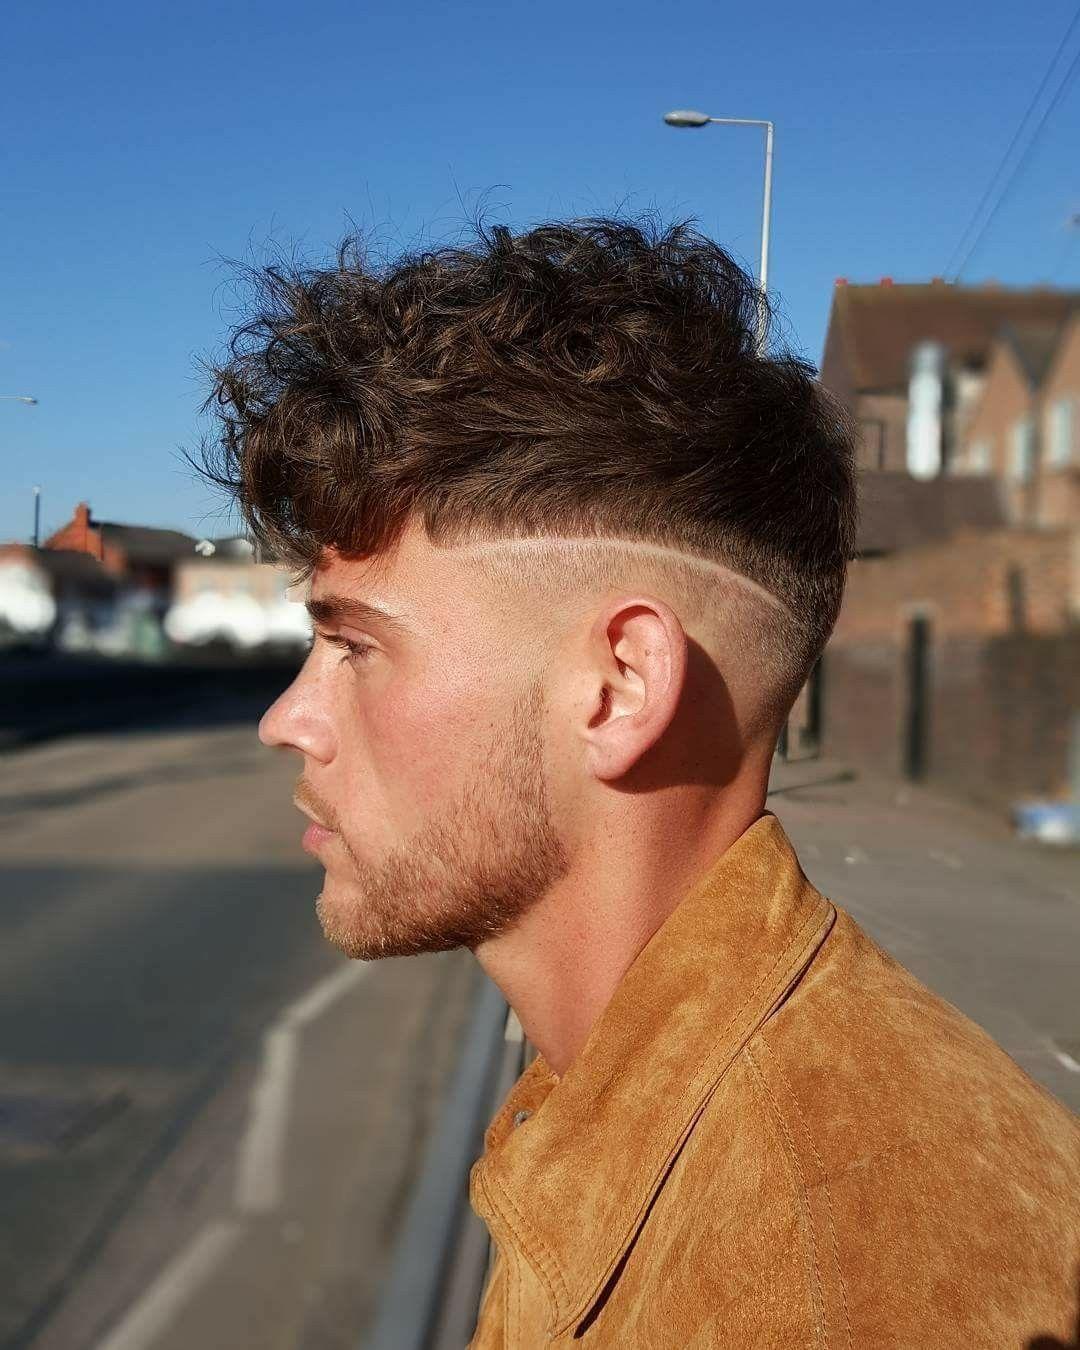 Haircut for men no beard haircut men  hair style  pinterest  haircuts hair style and hair